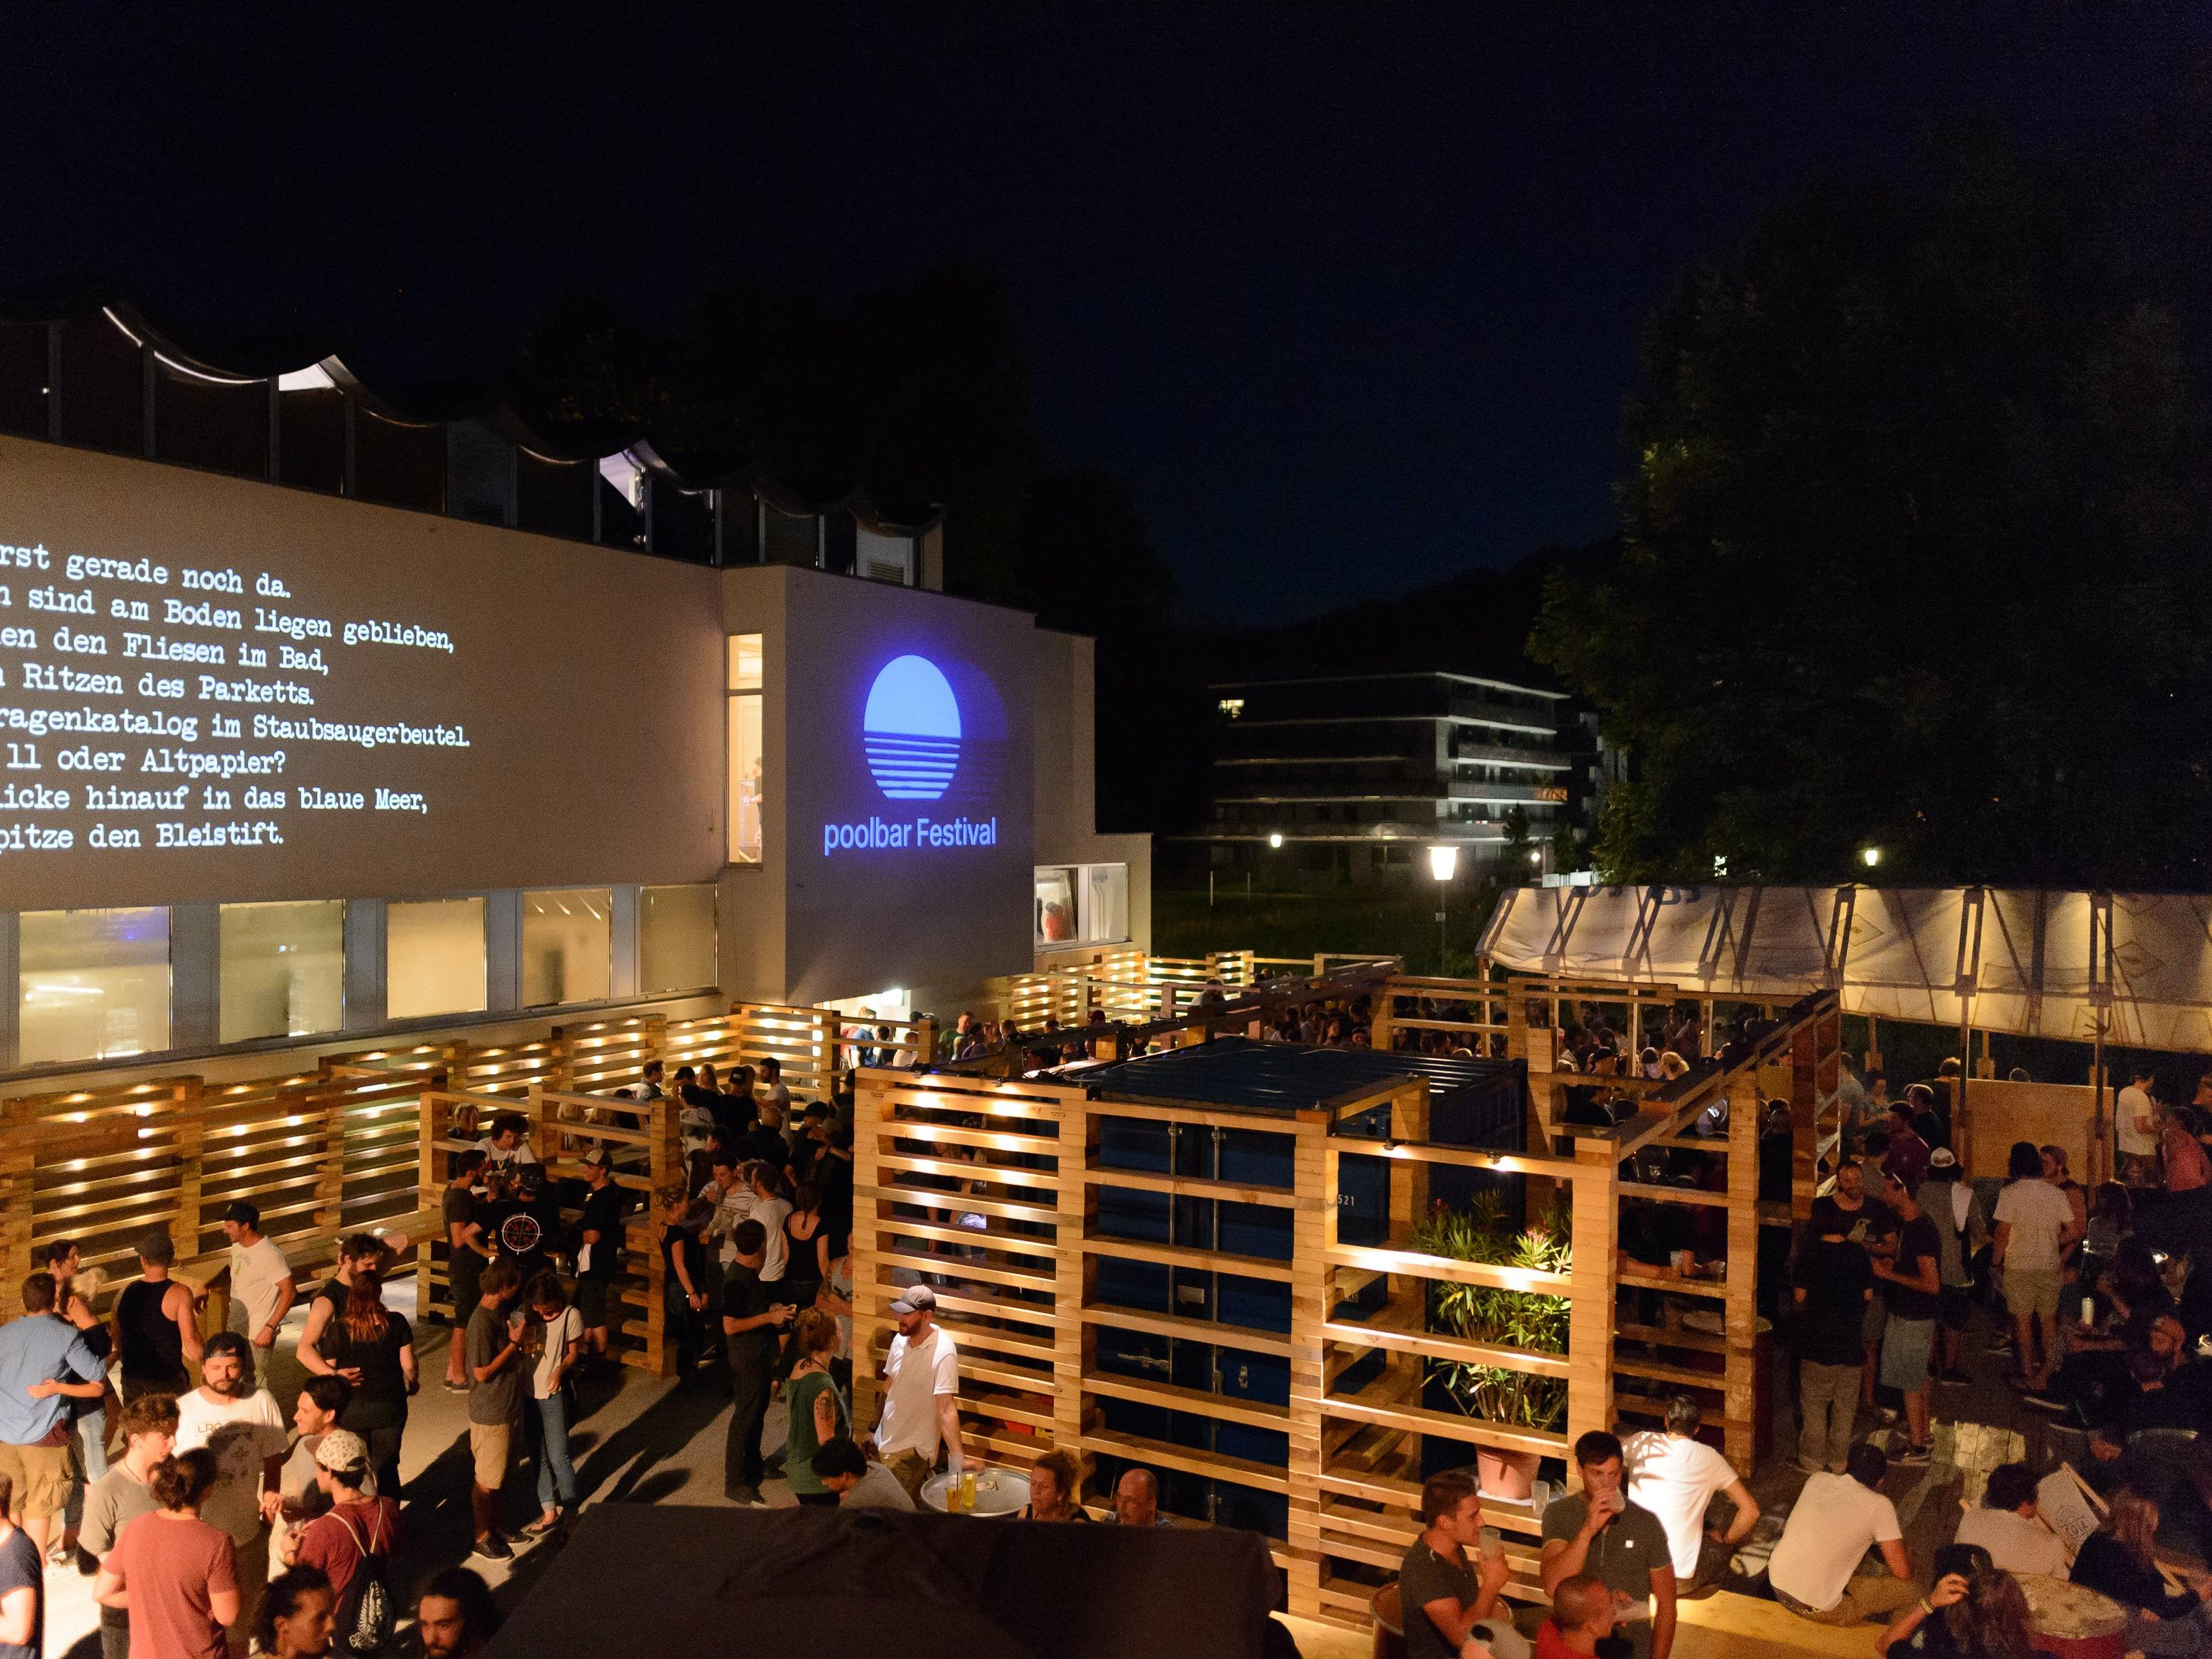 Ein letztes Mal wird im Alten Hallenbad im Rahmen des Poolbar-Festivals 2016 gefeiert.